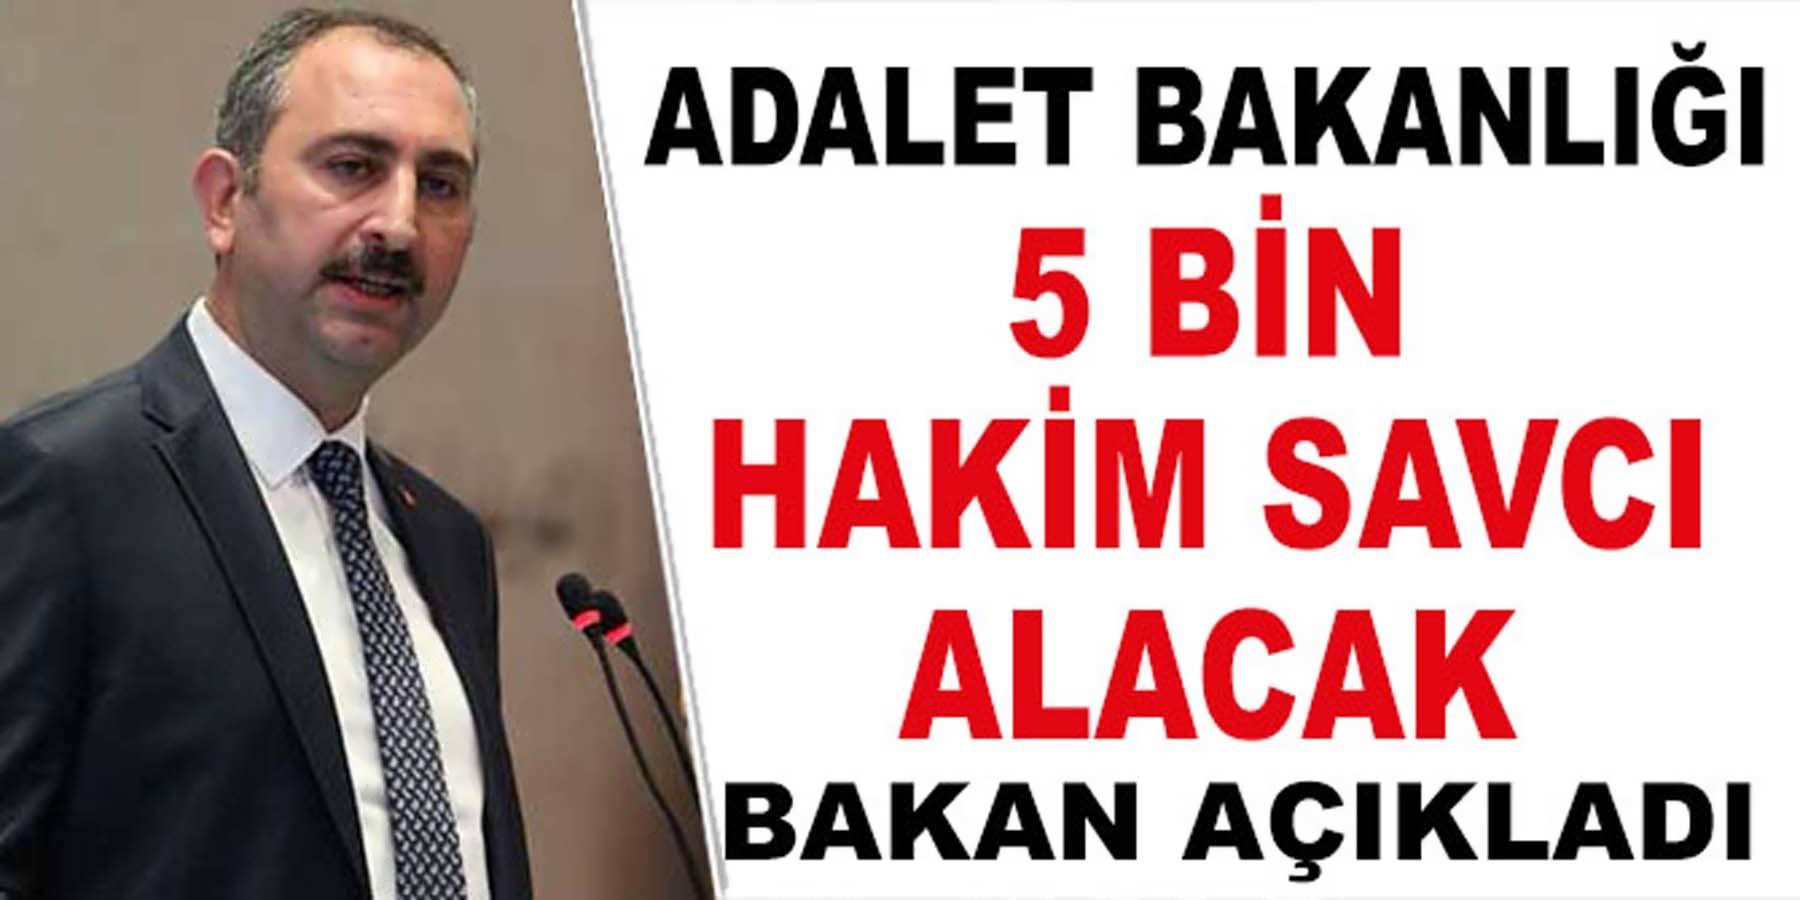 Adalet Bakanlığı 5 Bin Hakim Savcı Alacak (Bakan Açıkladı)